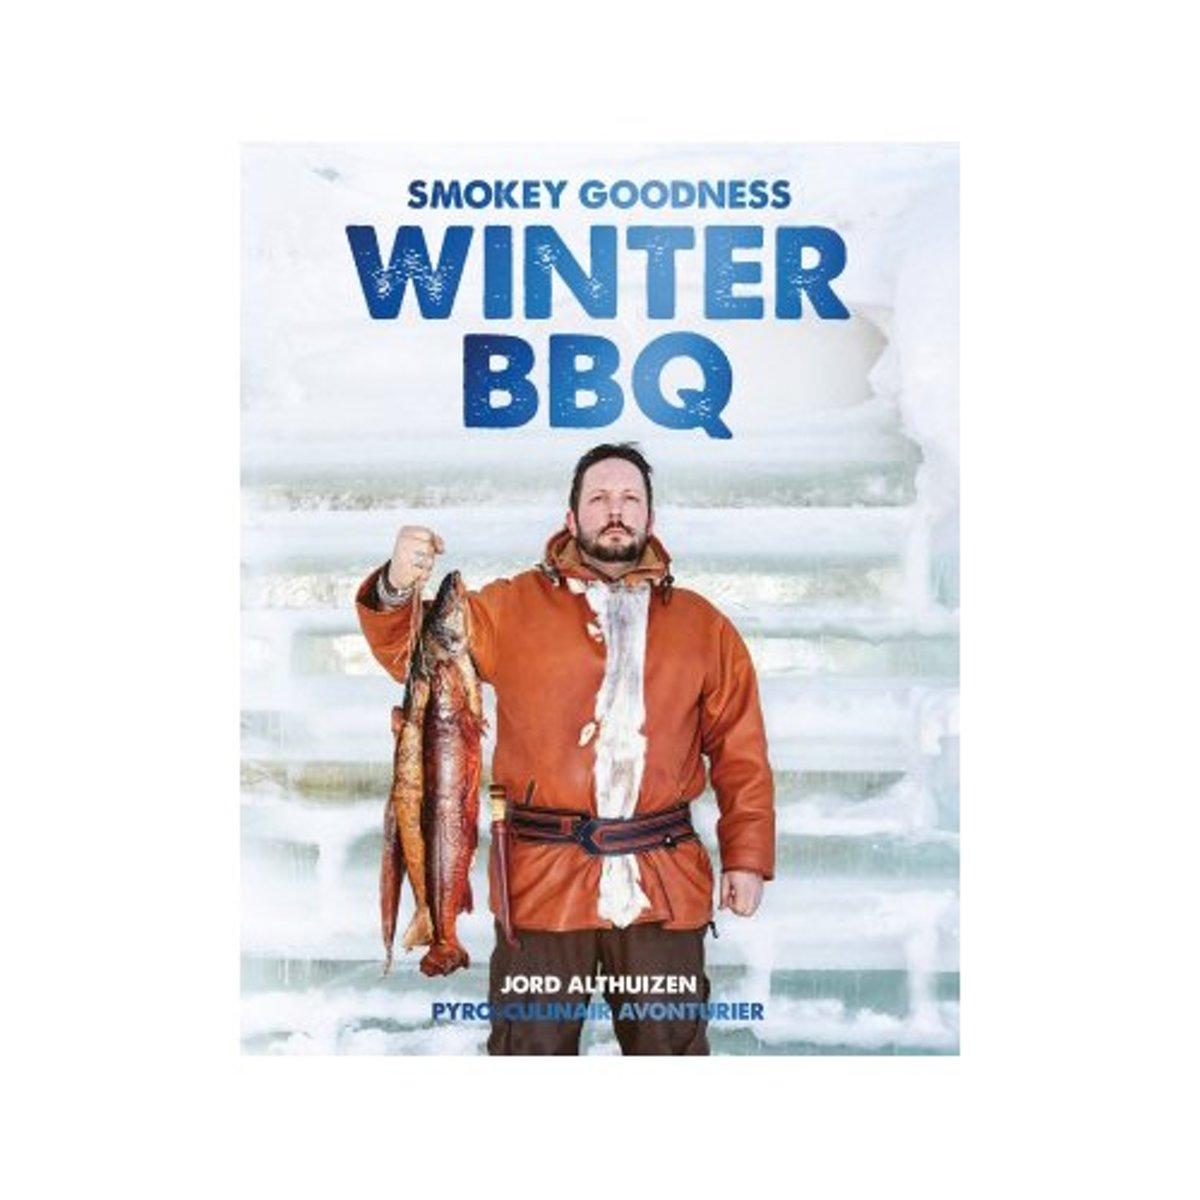 Afbeelding voor Smokey Goodness Winter BBQ